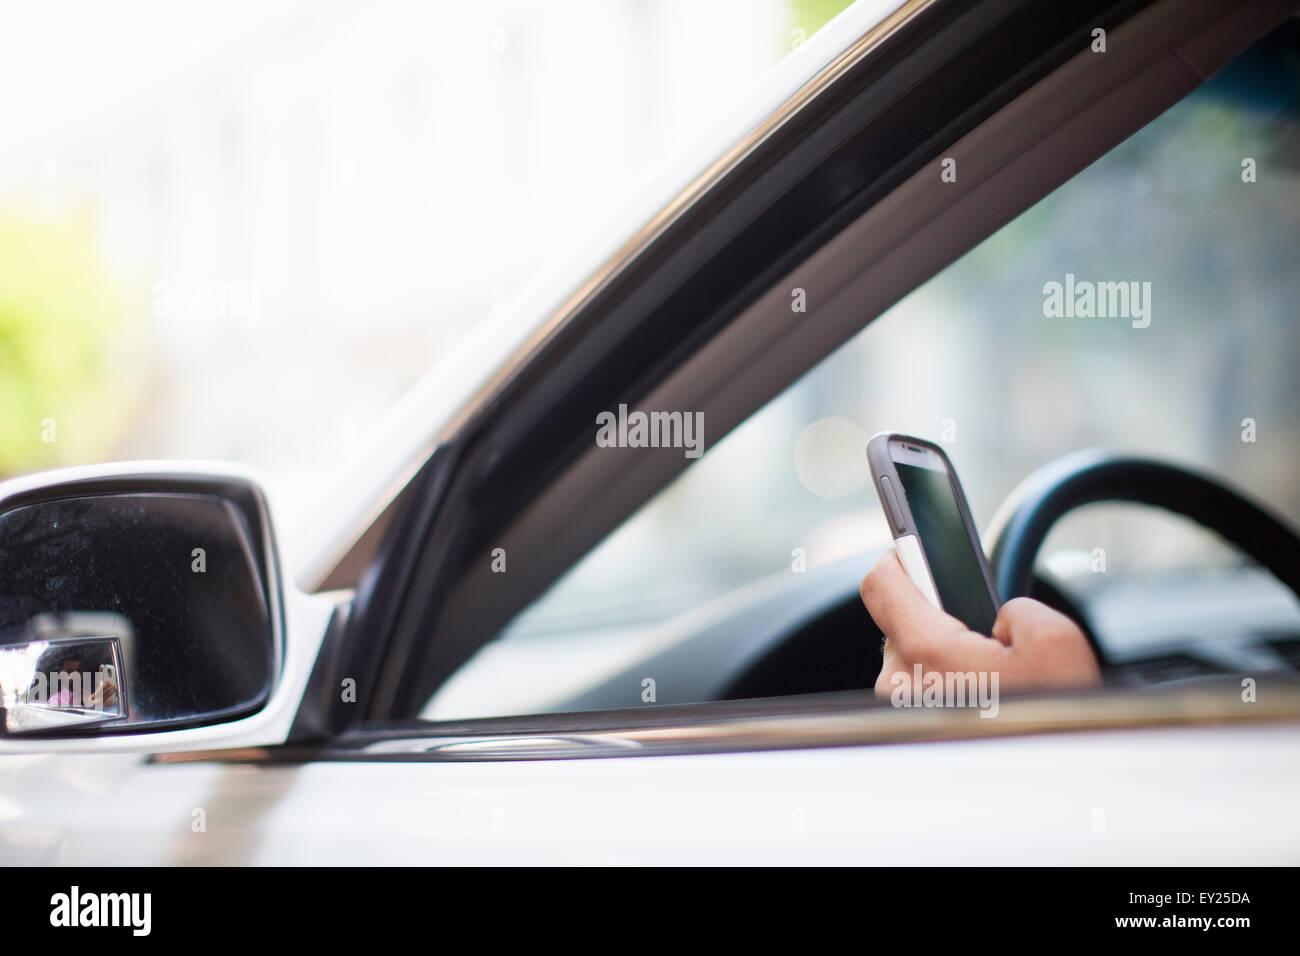 La mano del empresario mediante smartphone a car window Imagen De Stock